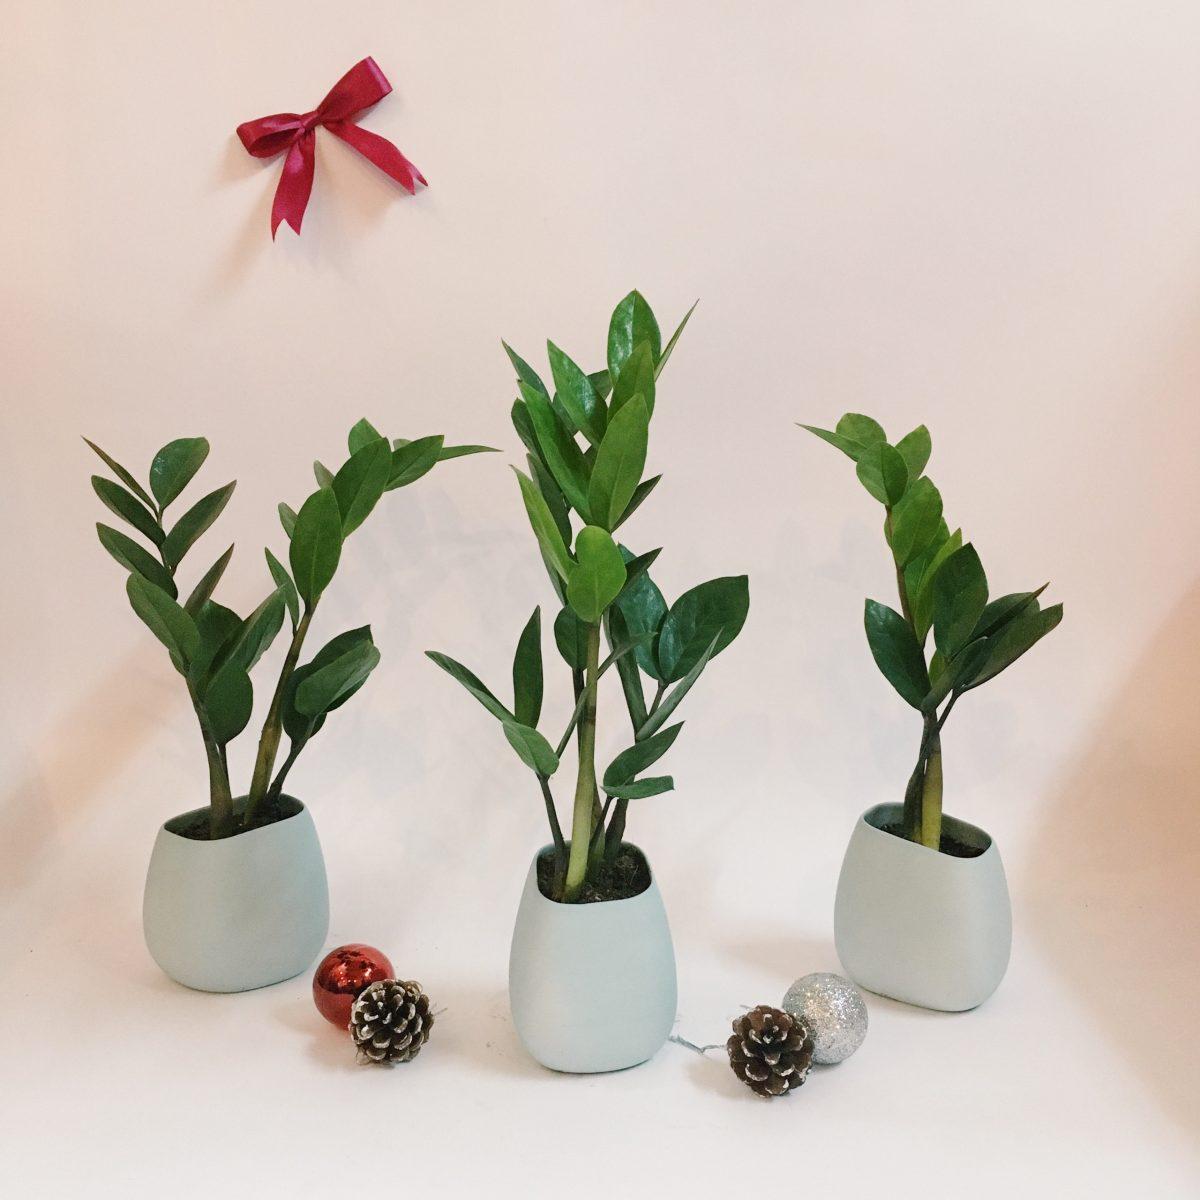 - Mệnh thủy nên trồng các loại cây